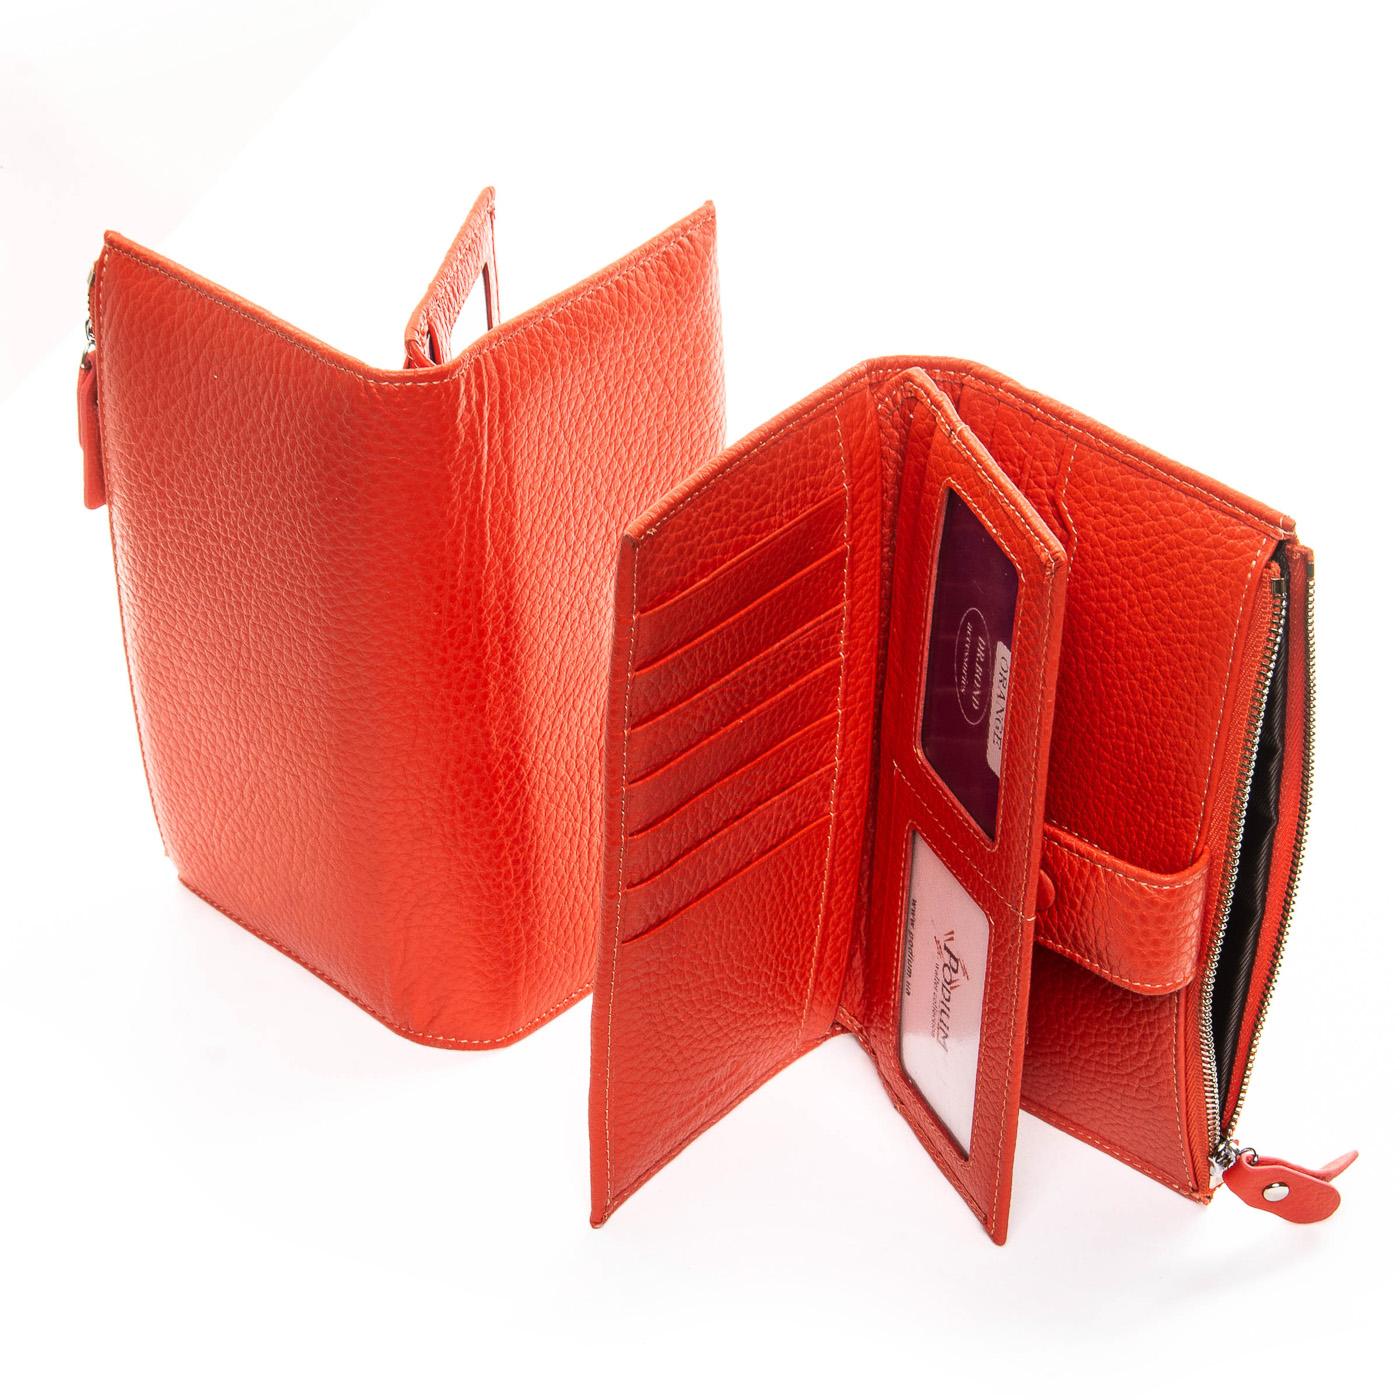 Кошелек Classic кожа DR. BOND WMB-1 orange